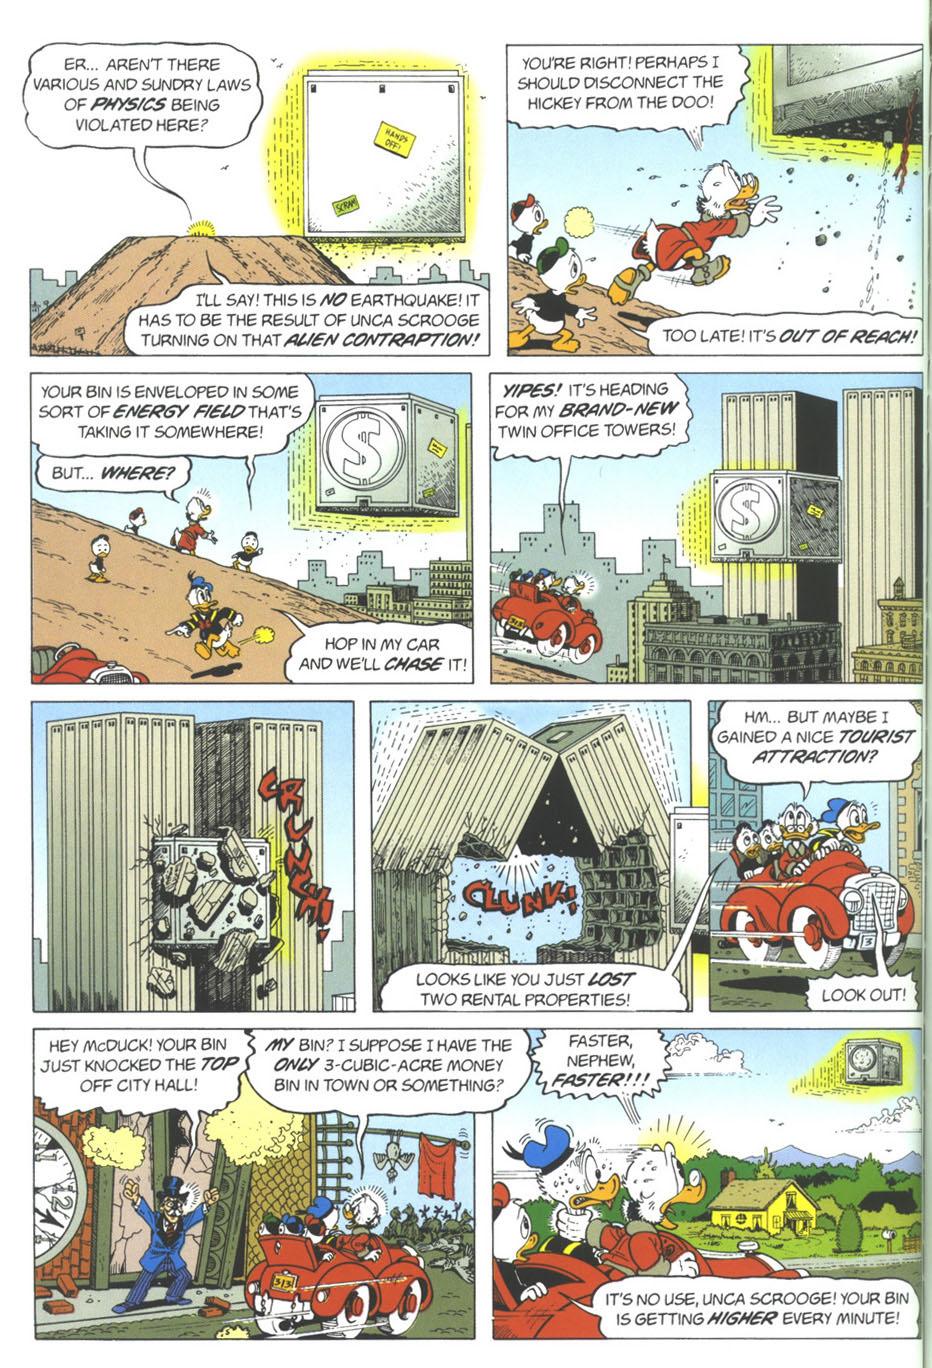 Scrooge McDuck 911 Was An Inside Job 1